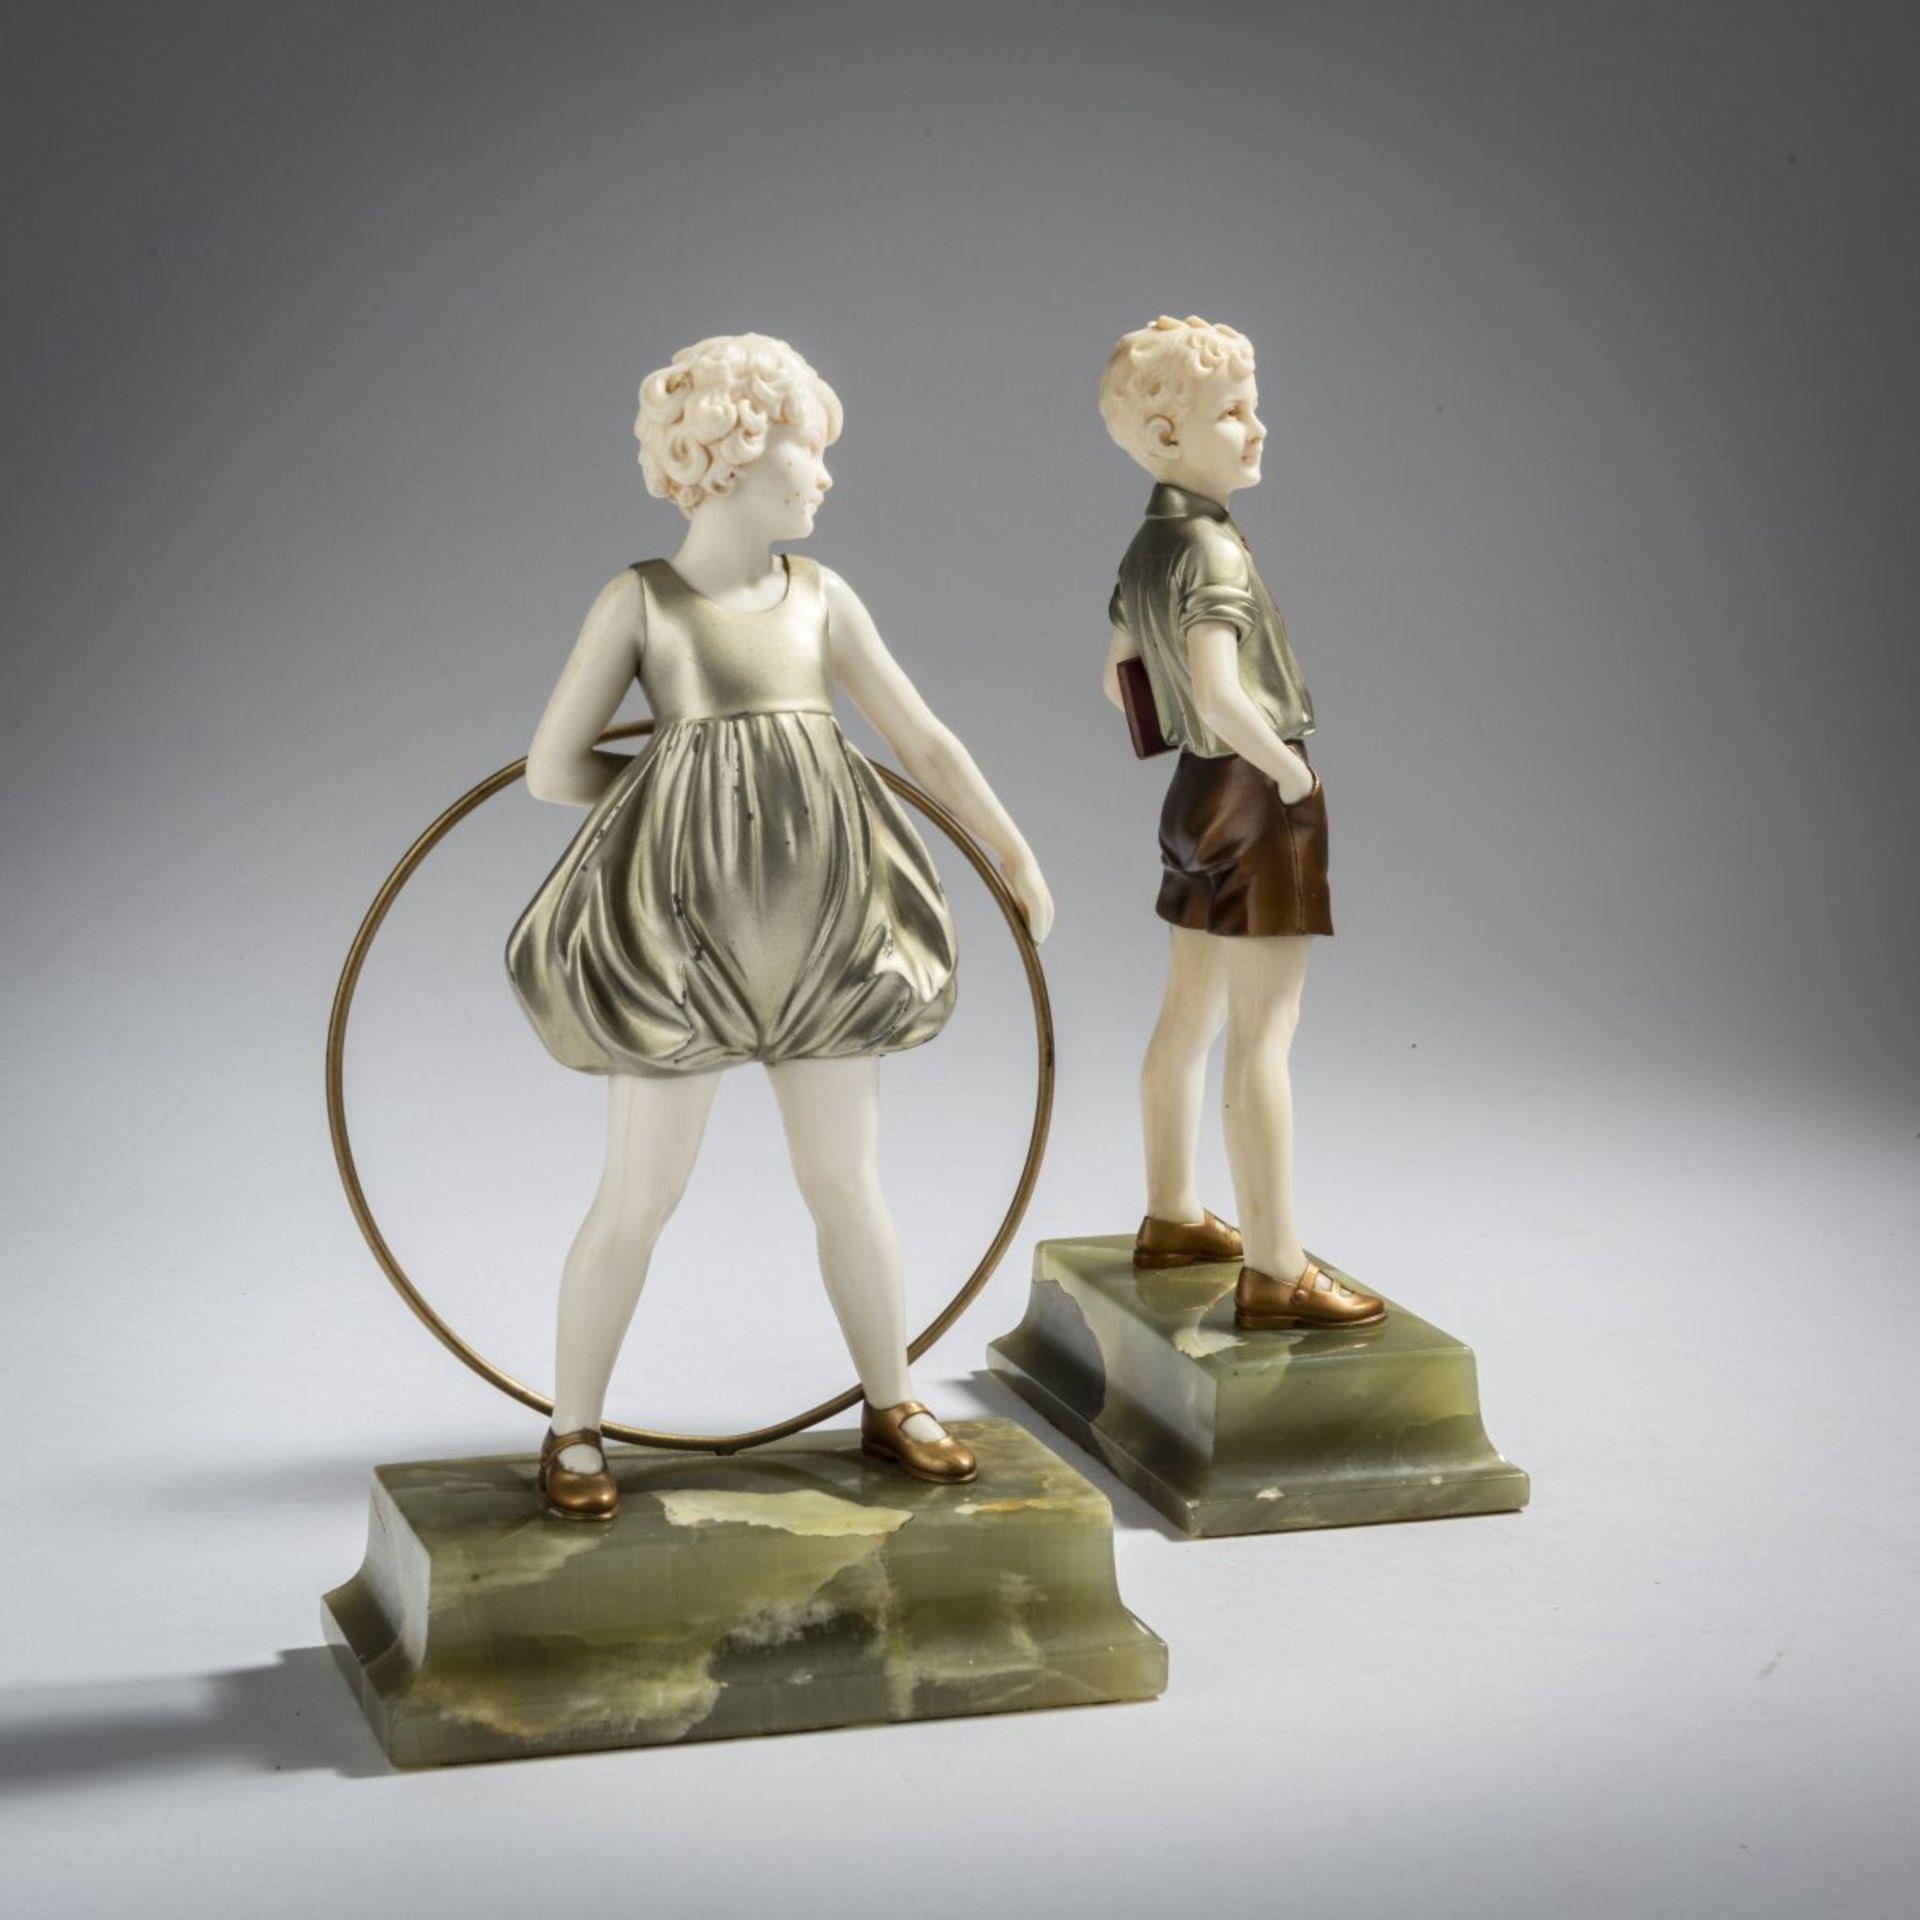 Ferdinand Preiss, 'Hoop Girl' und 'Sonny Boy', um 1930 - Bild 4 aus 5